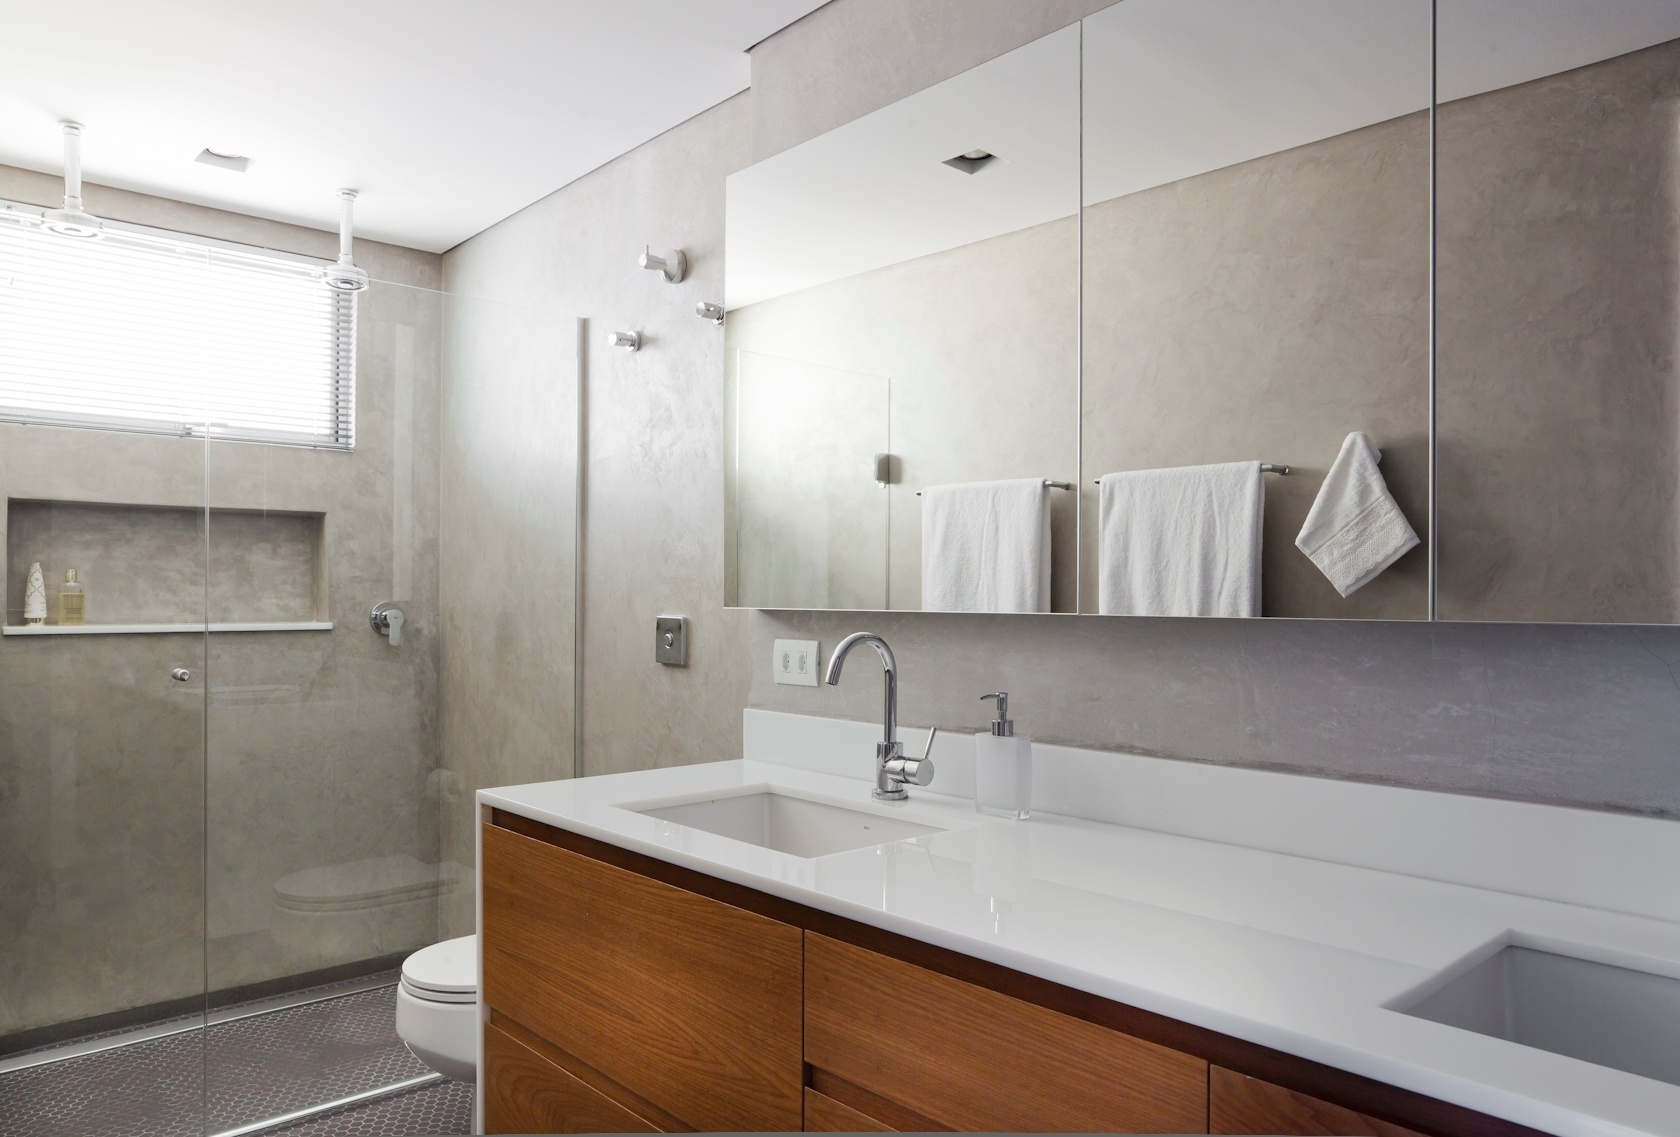 Banheiros: sugestões para decoração tendo muito ou pouco espaço  #6E4124 1680x1137 Bancada Pia Banheiro Cimento Queimado